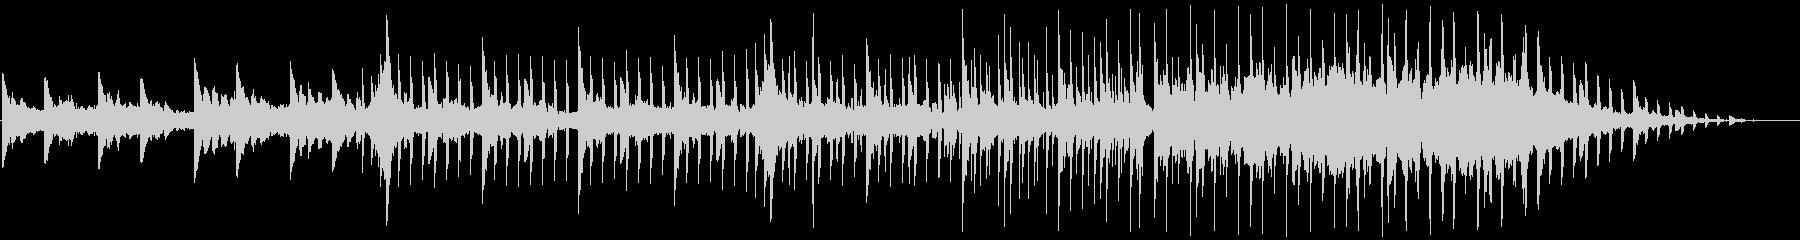 ダンサブルな4つ打ちR&Bトラックの未再生の波形